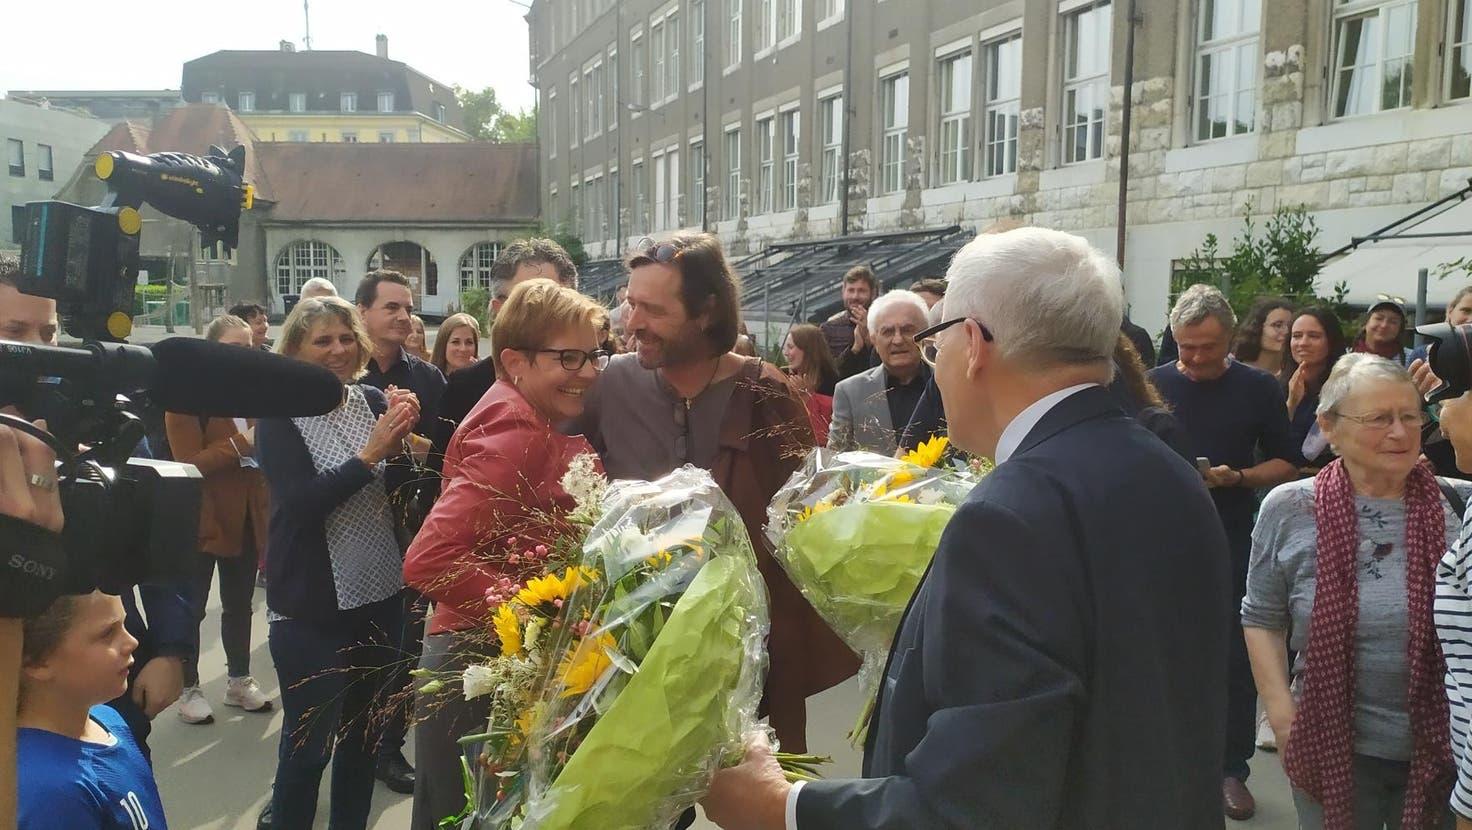 Abstimmungsresultate Kanton Solothurn: Stefanie Ingold wird Stadtpräsidentin von Solothurn ++ Pascal Walter bleibt Vize